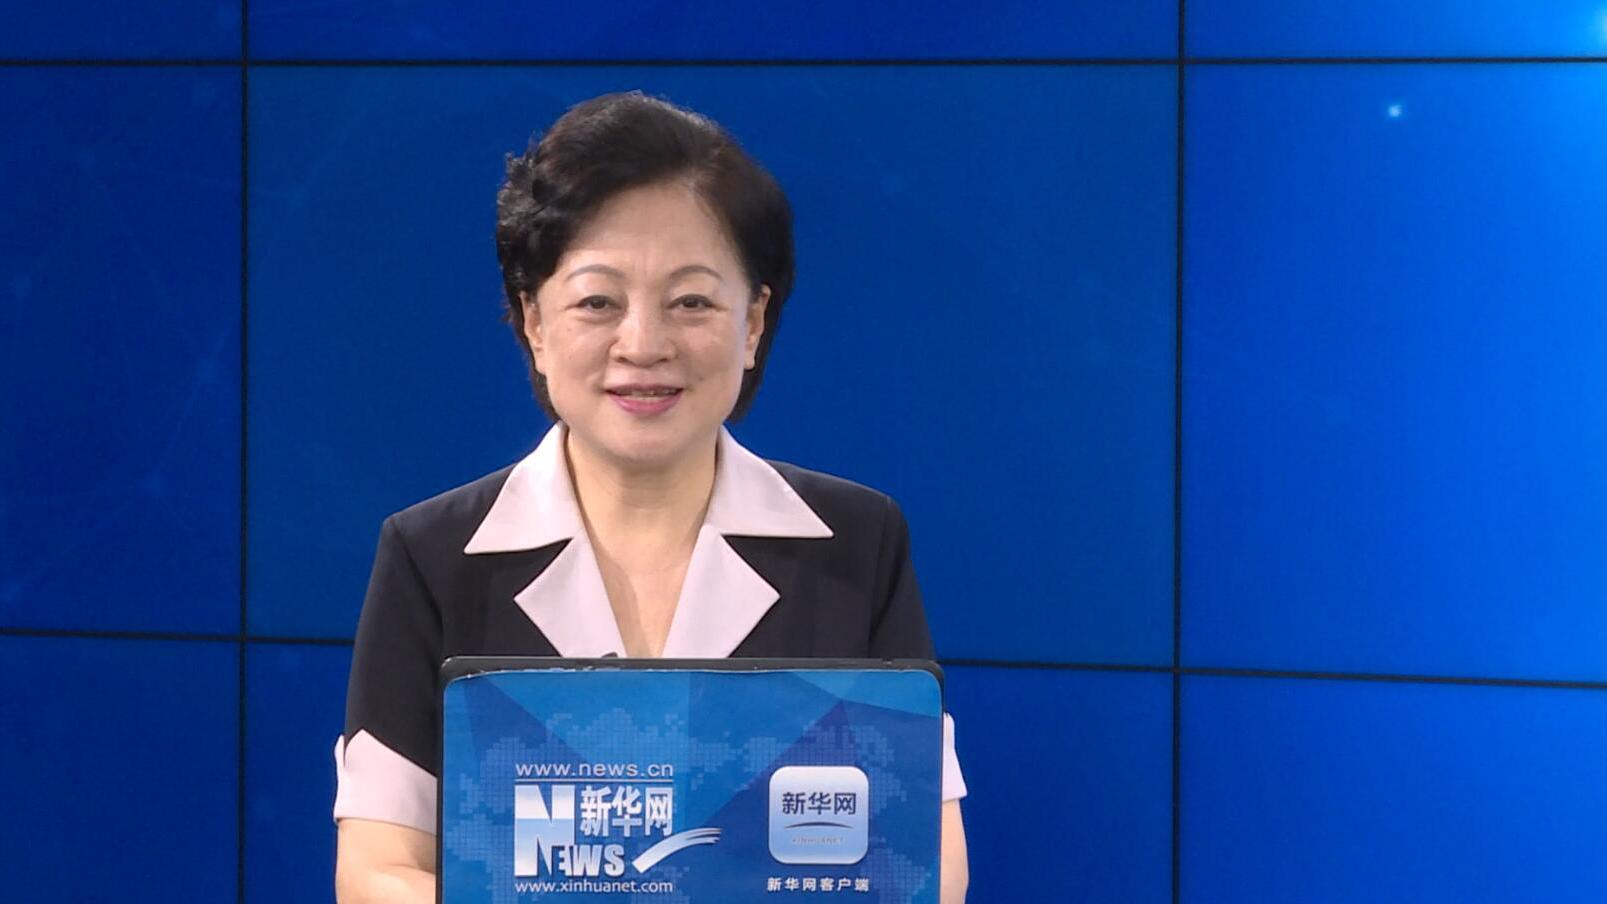 郭渝成:實施全面健康管理 建設全民健康中國